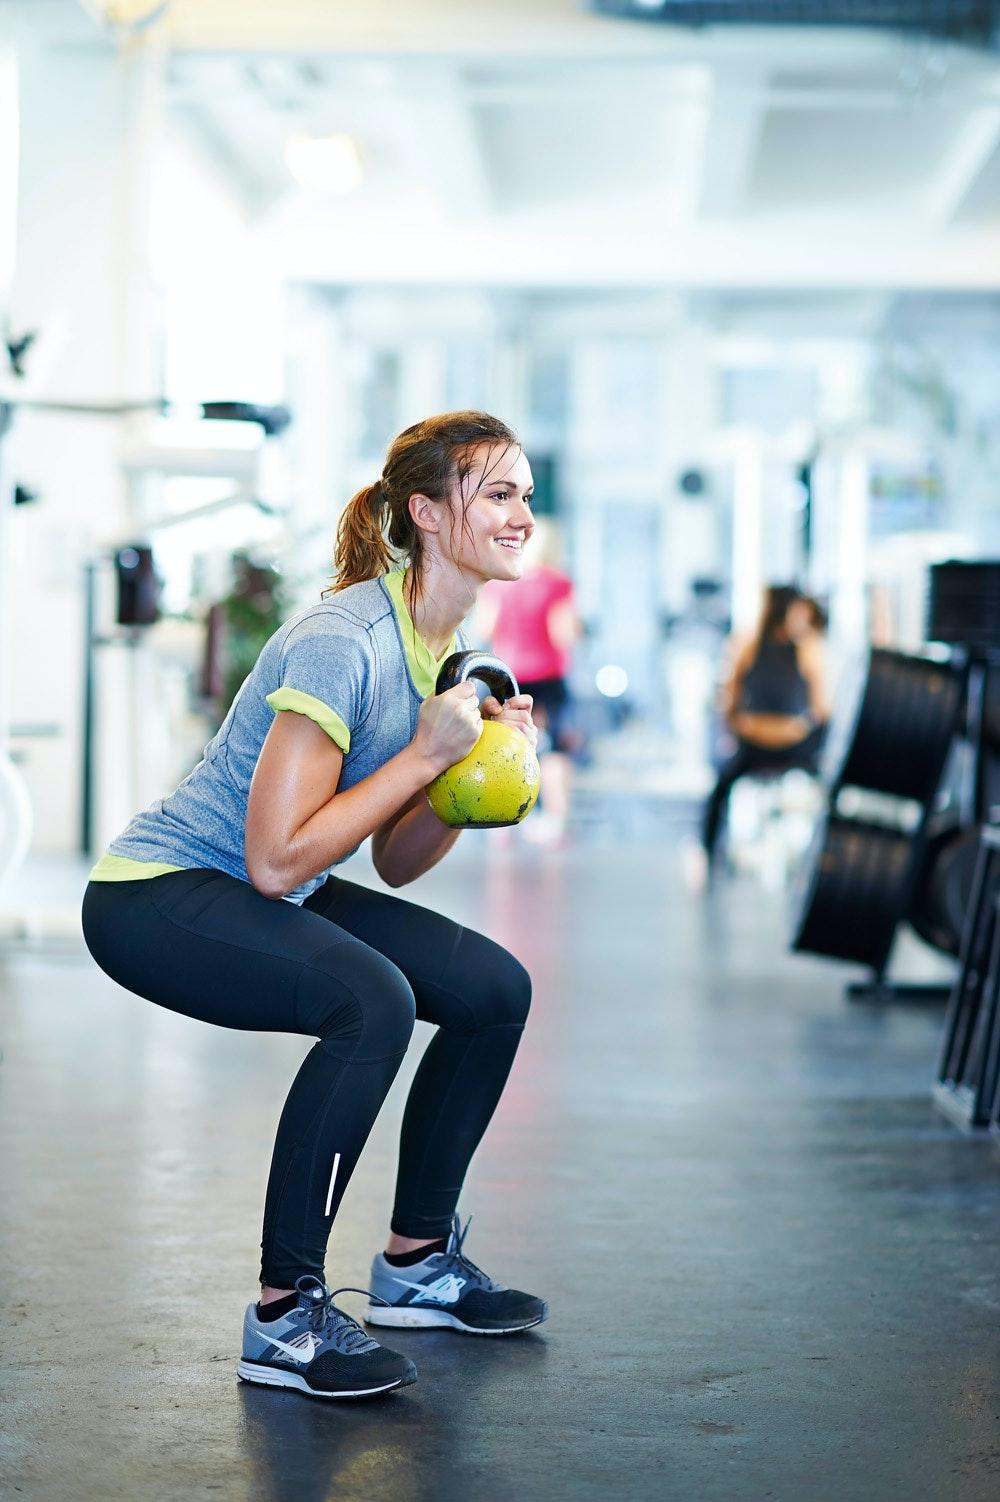 løb styrketræning